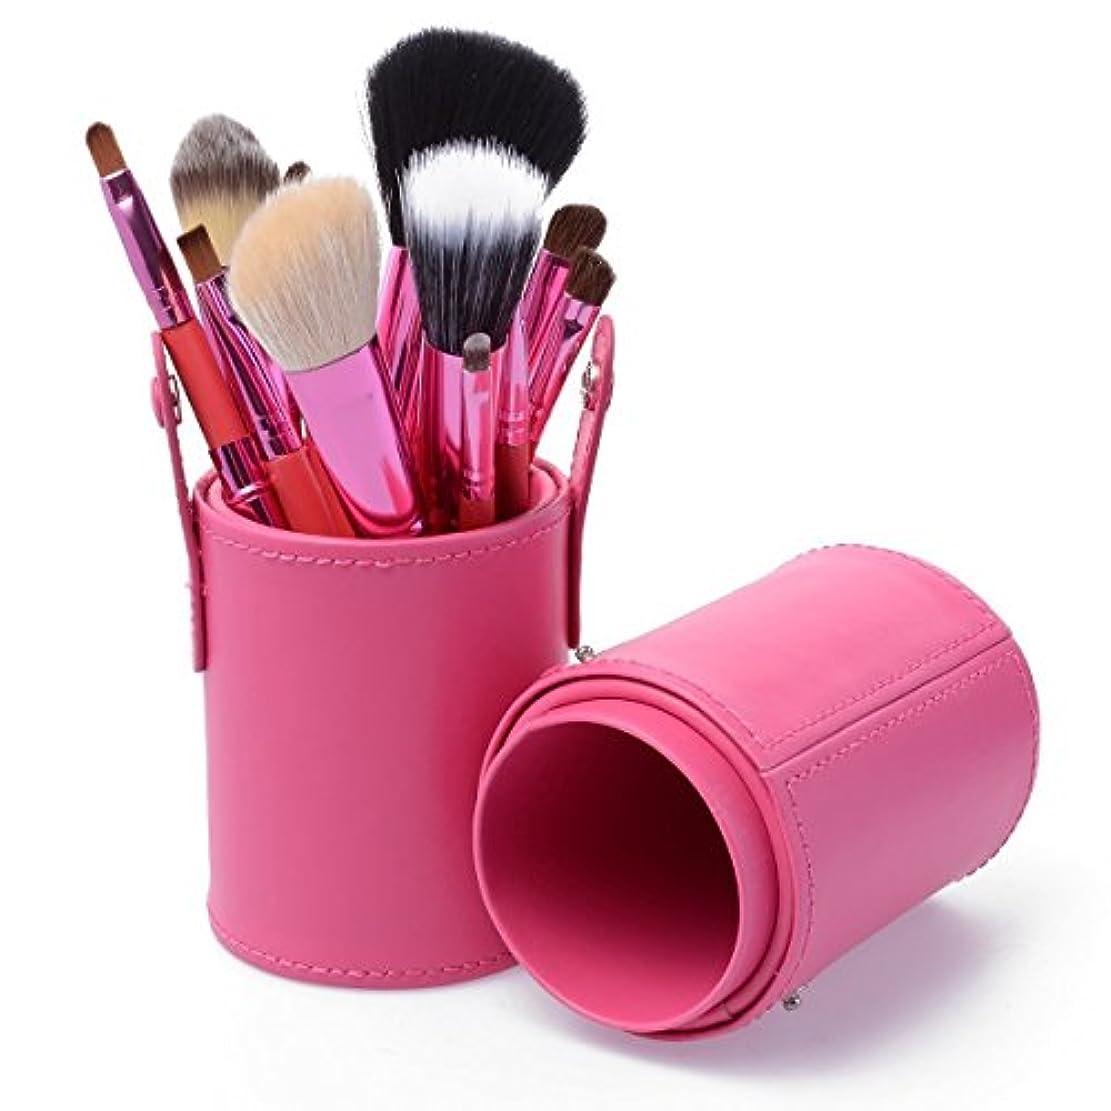 毒性ファックス最も早いKanCai メイク ブラシ セット 12本 化粧ブラシ セット コスメ ブラシ 収納ケース付き (ピンク)